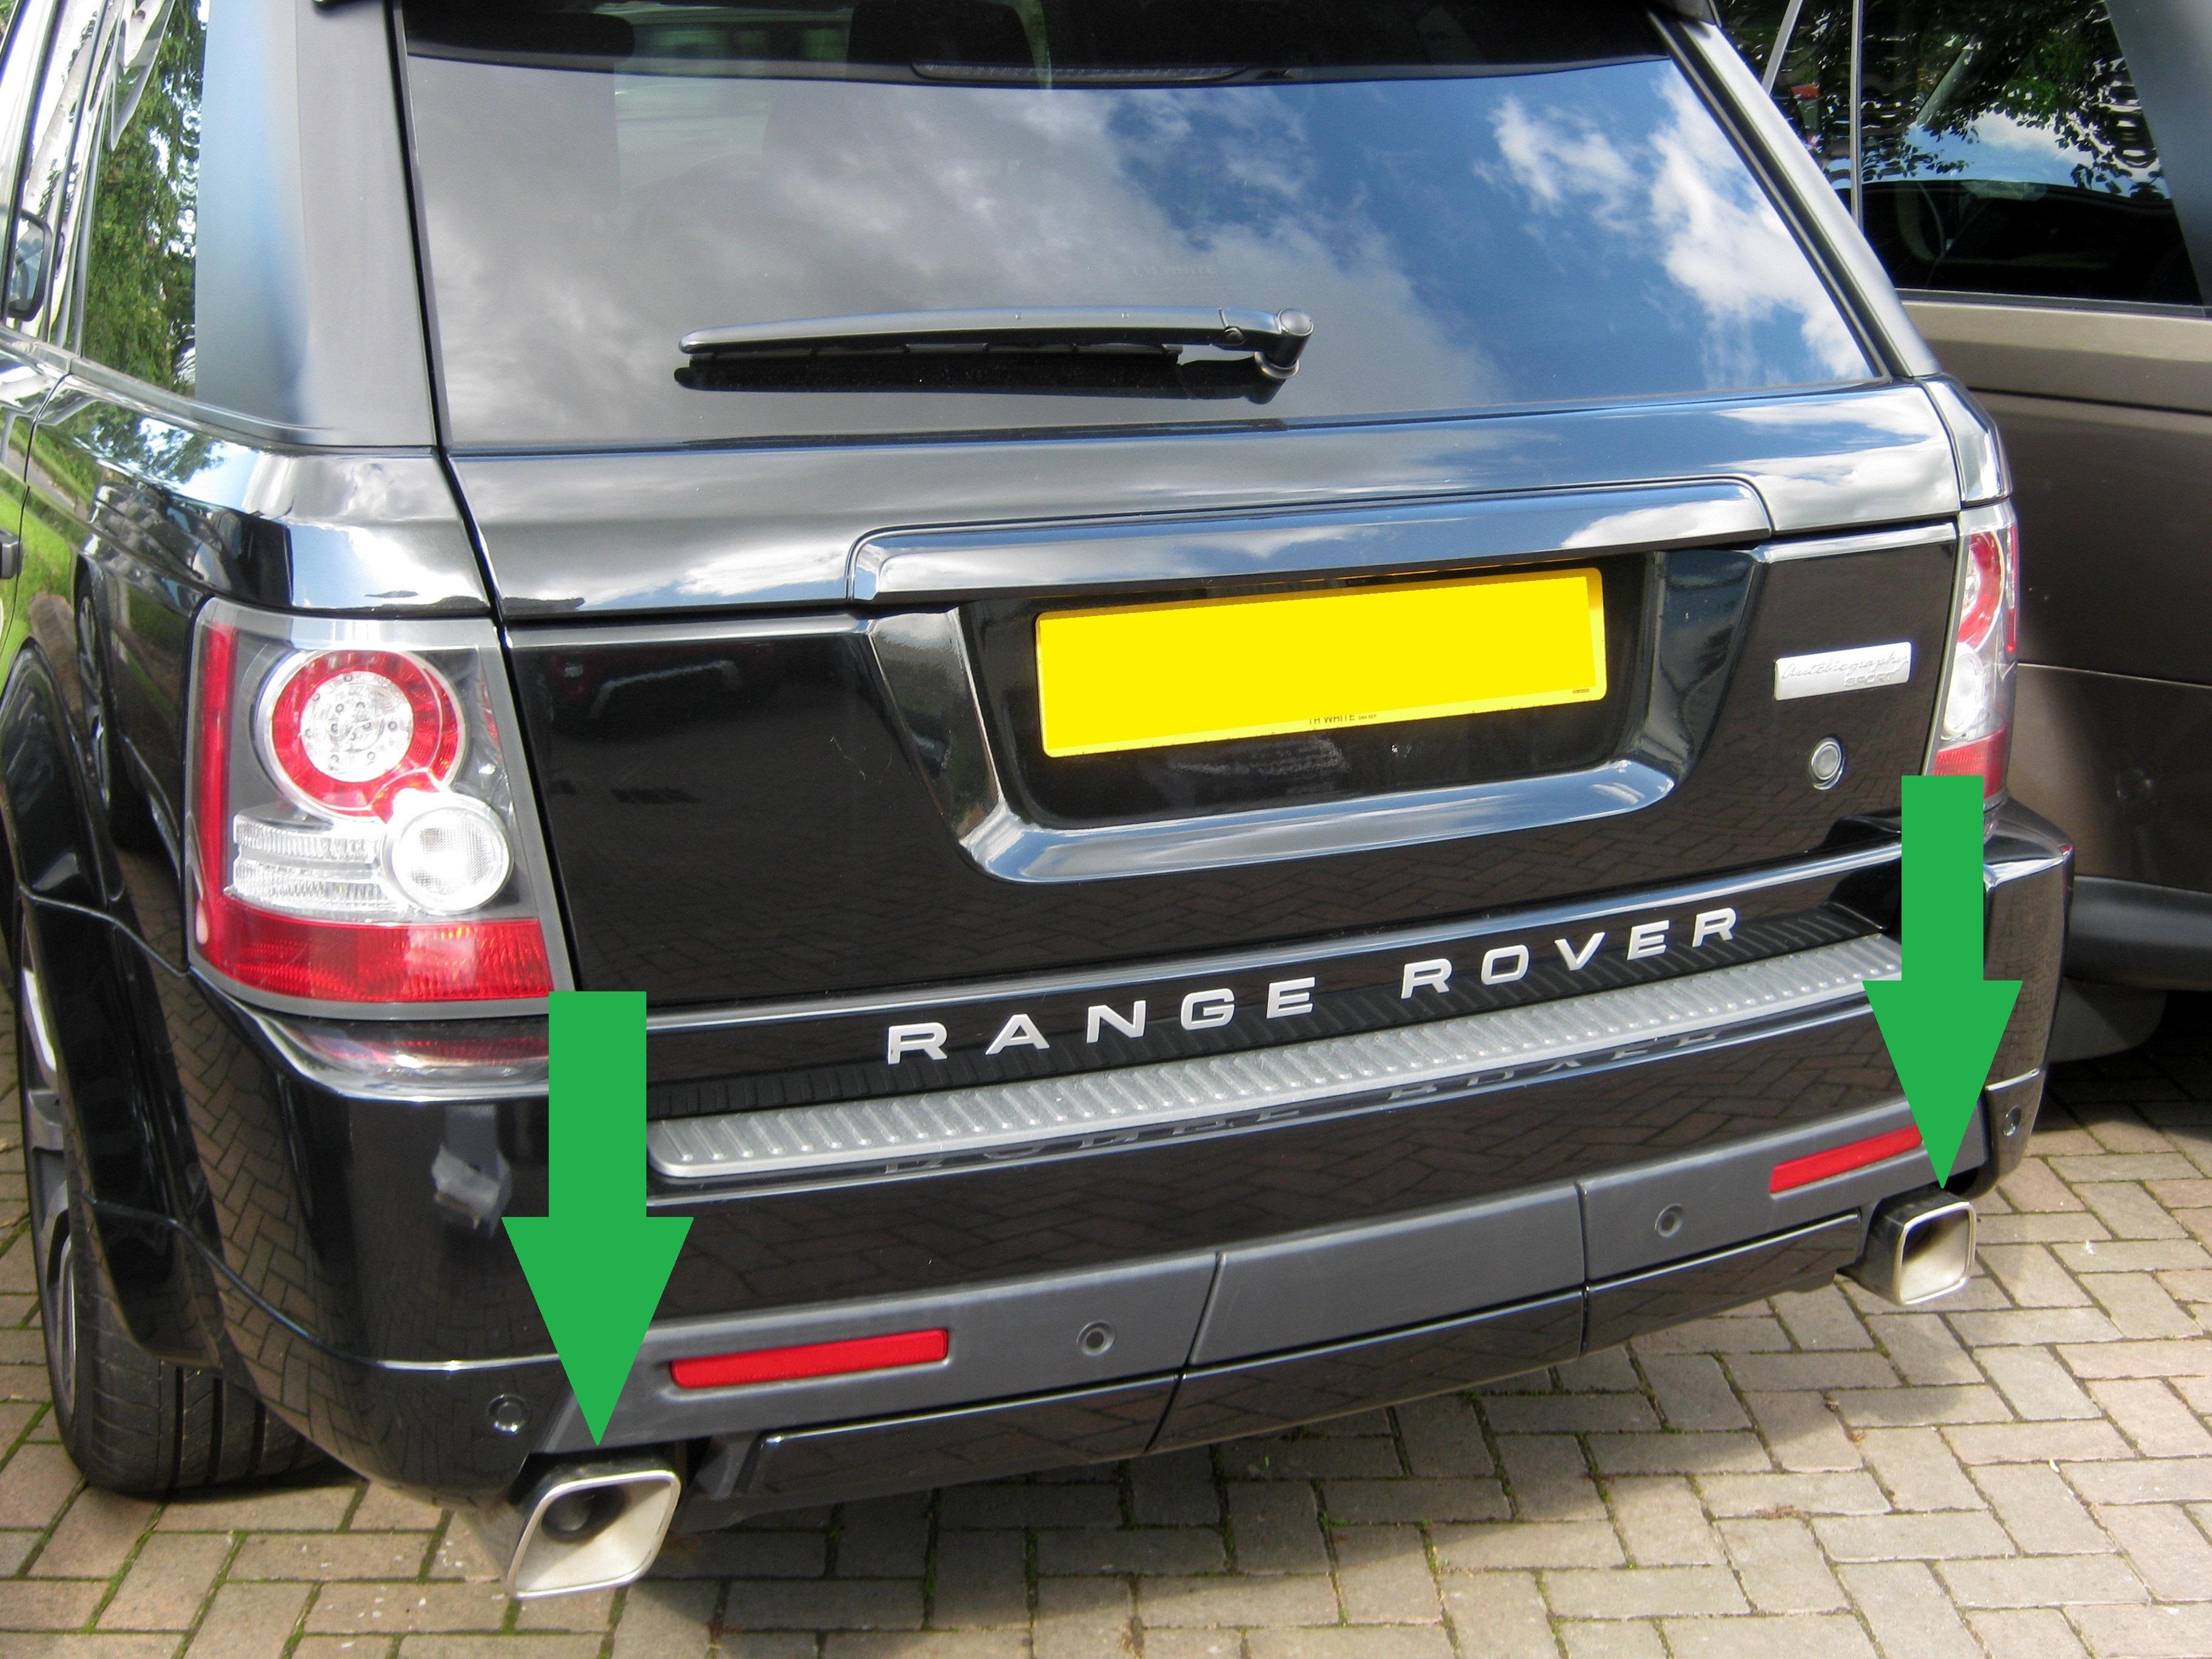 Par De Acero Escapes consejos para Range Rover Sport 2010 autobiografía gasolina